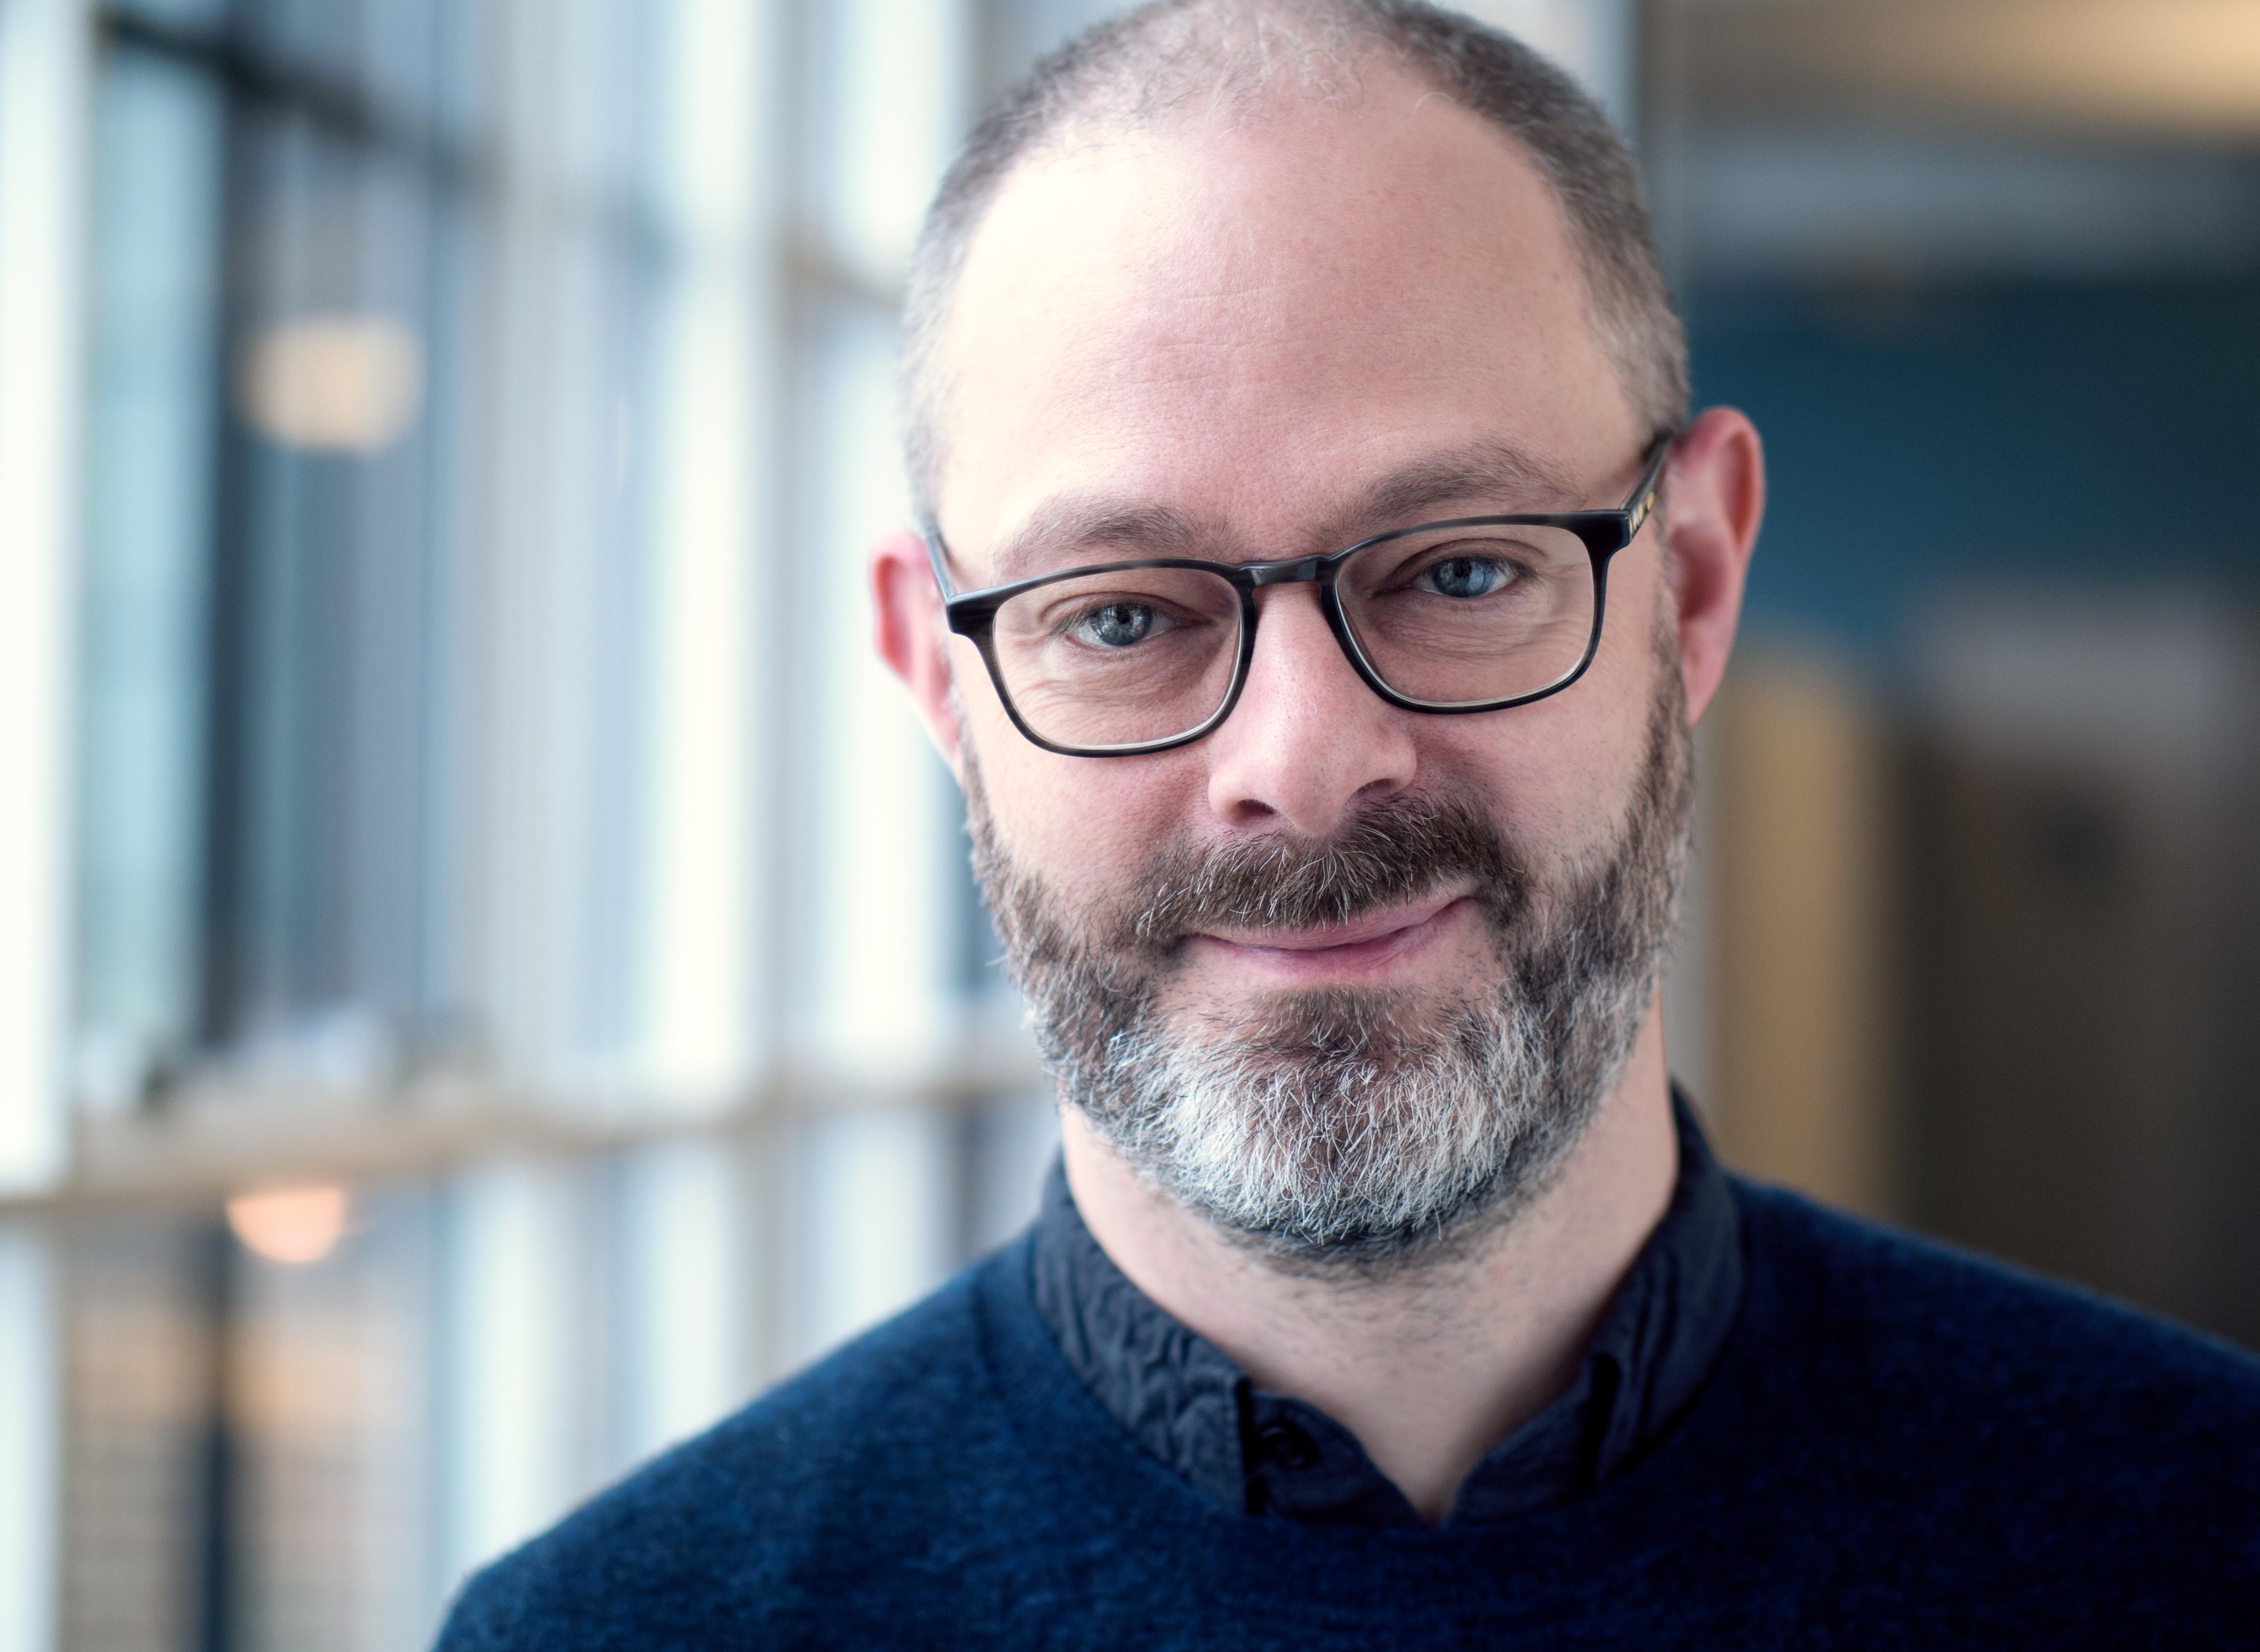 Managing partner of Smart Design, Richard Whitehall.